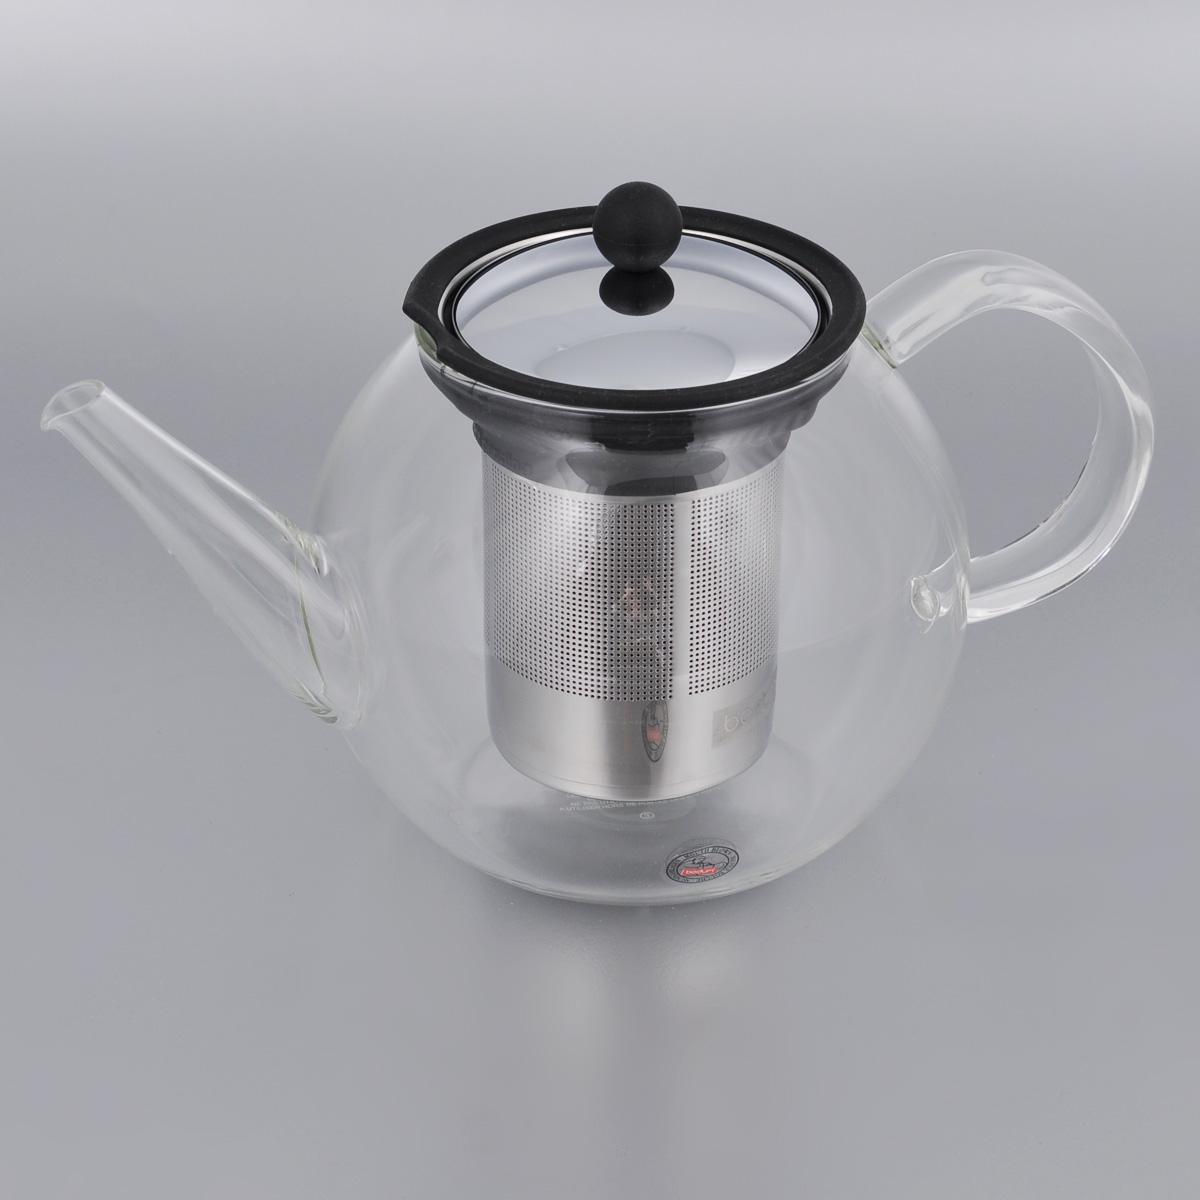 Френч-пресс Bodum Shin Cha, 1 лVT-1520(SR)Френч-пресс Bodum Shin Cha выполнен из термостойкого стекла. Чайник оснащен фильтром-сеткой и прессом, выполненными из нержавеющей стали. Засыпая чайную заварку в фильтр-сетку и заливая ее горячей водой, вы получаете ароматный чай с оптимальной крепостью и насыщенностью. Остановить процесс заварки чая легко. Для этого нужно просто опустить поршень, и заварка уйдет вниз, оставляя вверху напиток, готовый к употреблению. Френч-пресс Bodum Shin Cha займет достойное место на вашей кухне и позволит вам заварить свежий, ароматный чай.Диаметр (по верхнему краю): 9 см.Высота (без учета крышки): 12,5 см.